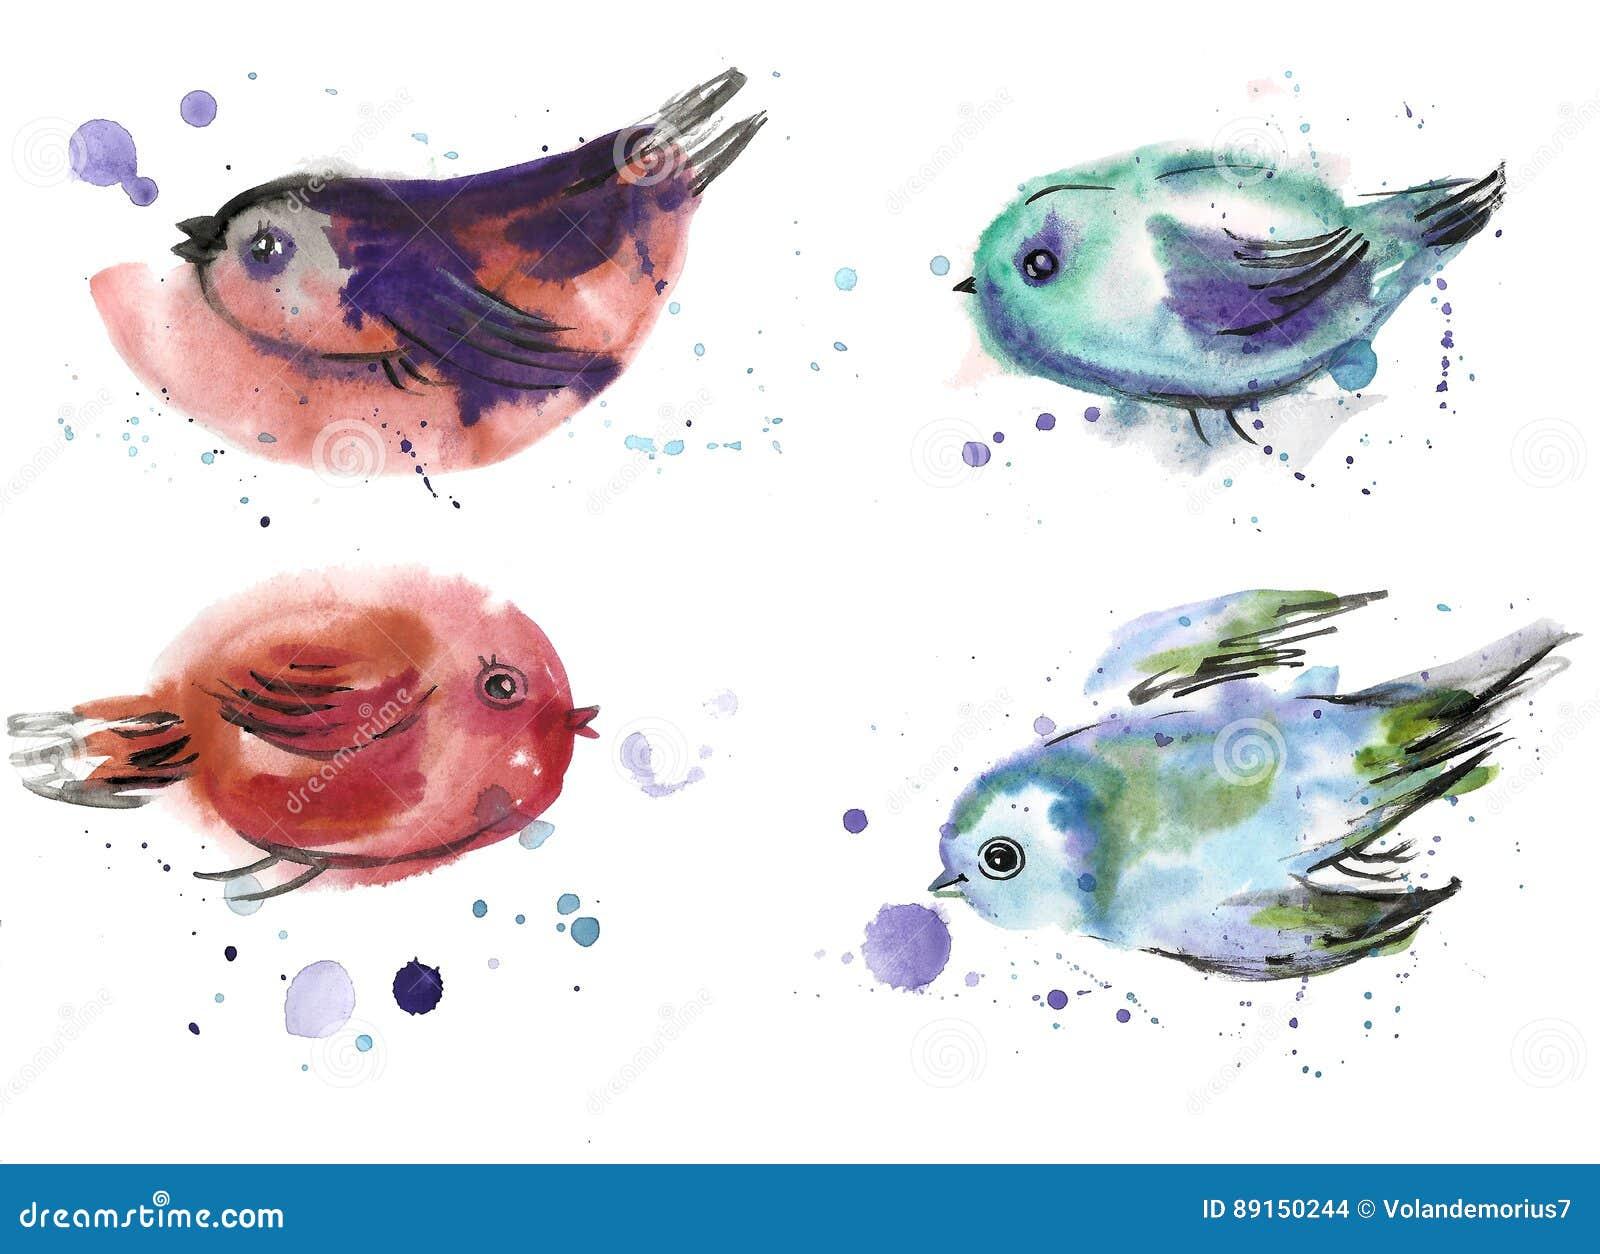 Dibujo Del S De Los Niños Pájaros Pintados En Acuarela Stock De